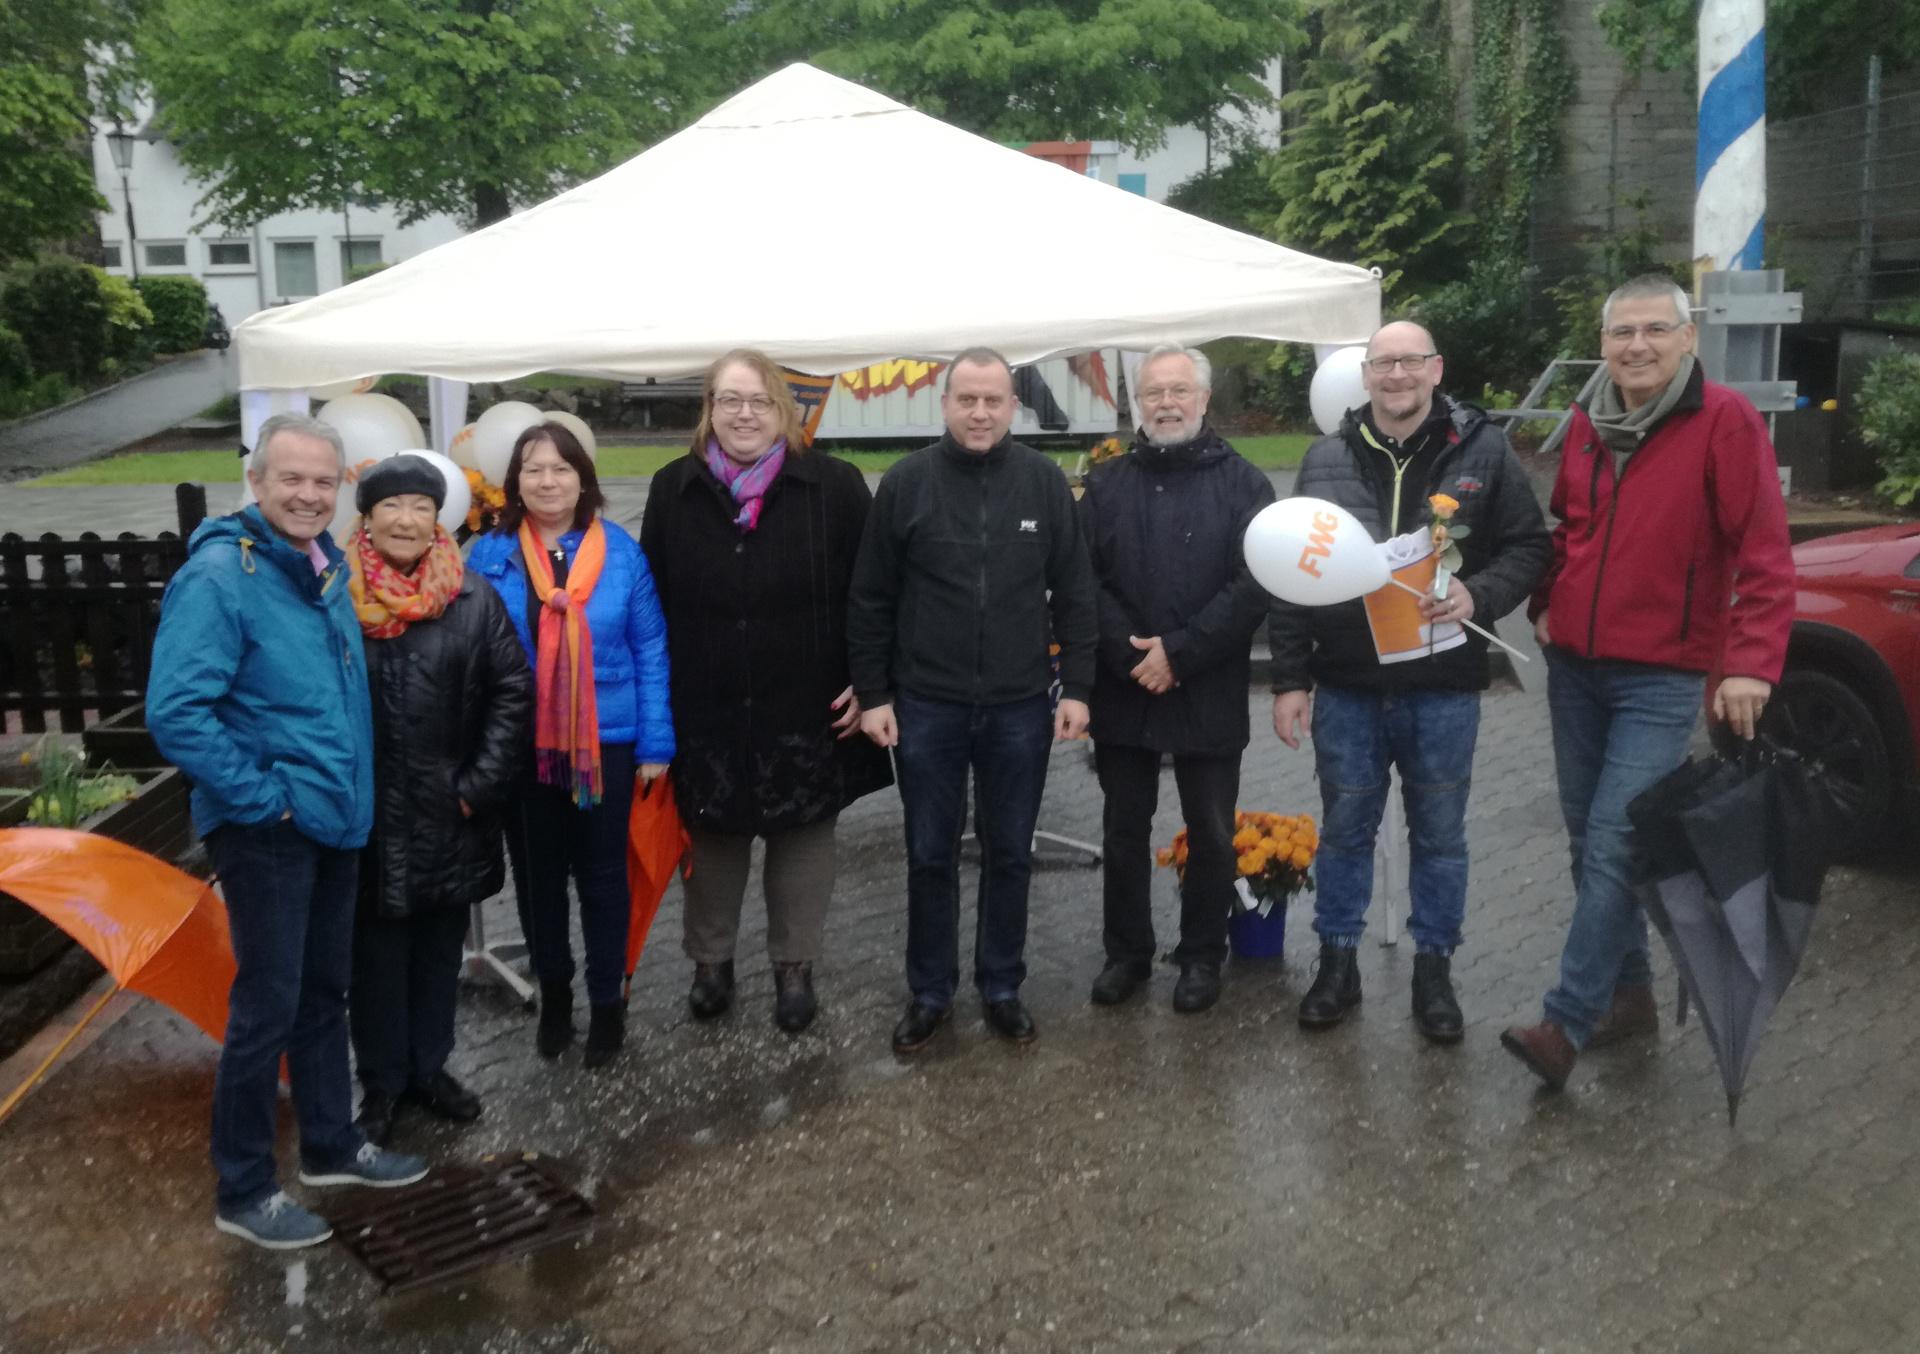 FWG Wassenach Wahlstand Dorfplatz 2019